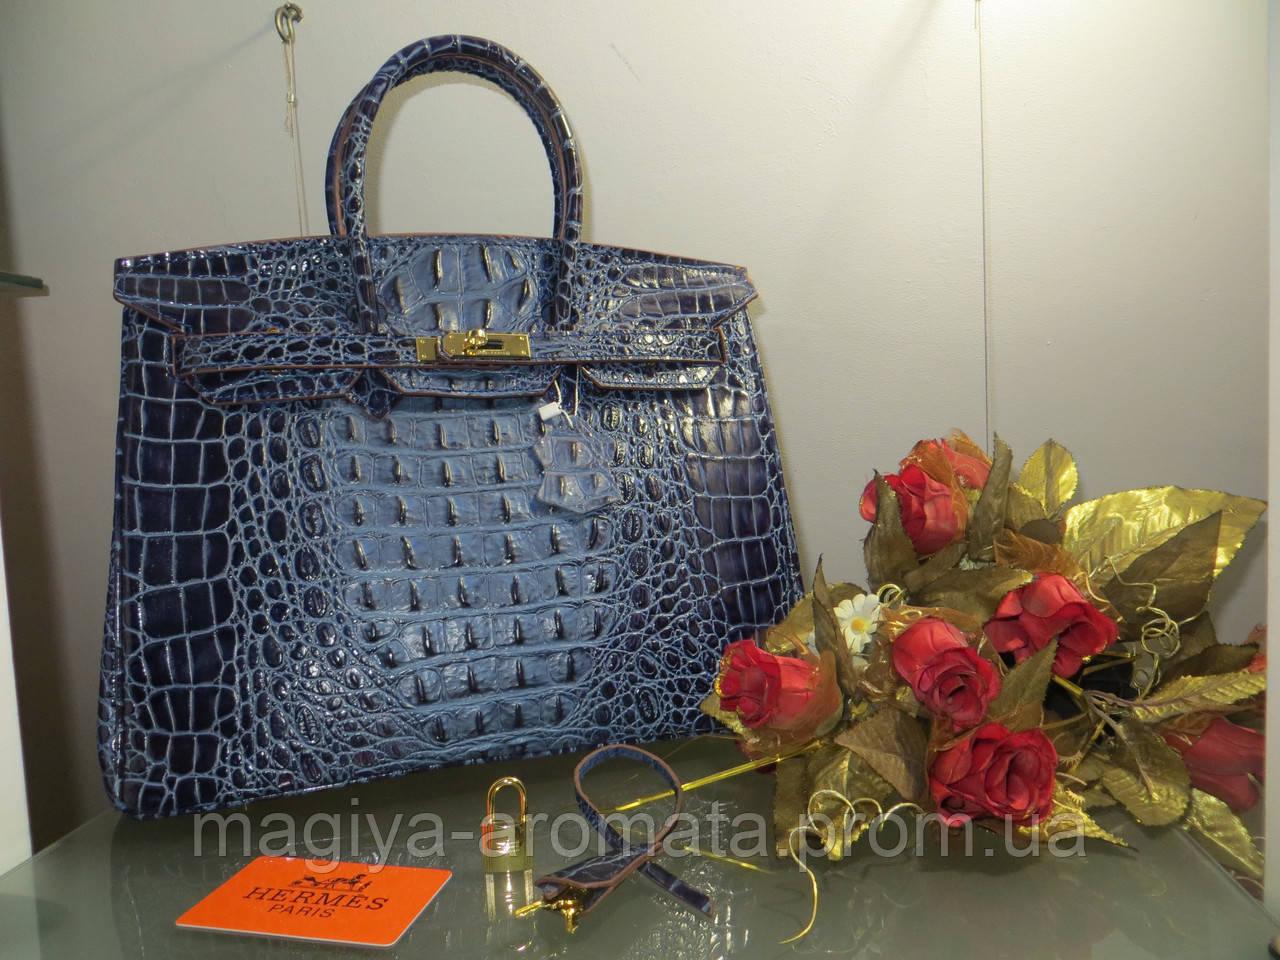 1b08abcea76d Женская сумка от Hermes 35 см синяя рептилия крокодил Original quality  Гермес Биркин Эрме - Магия